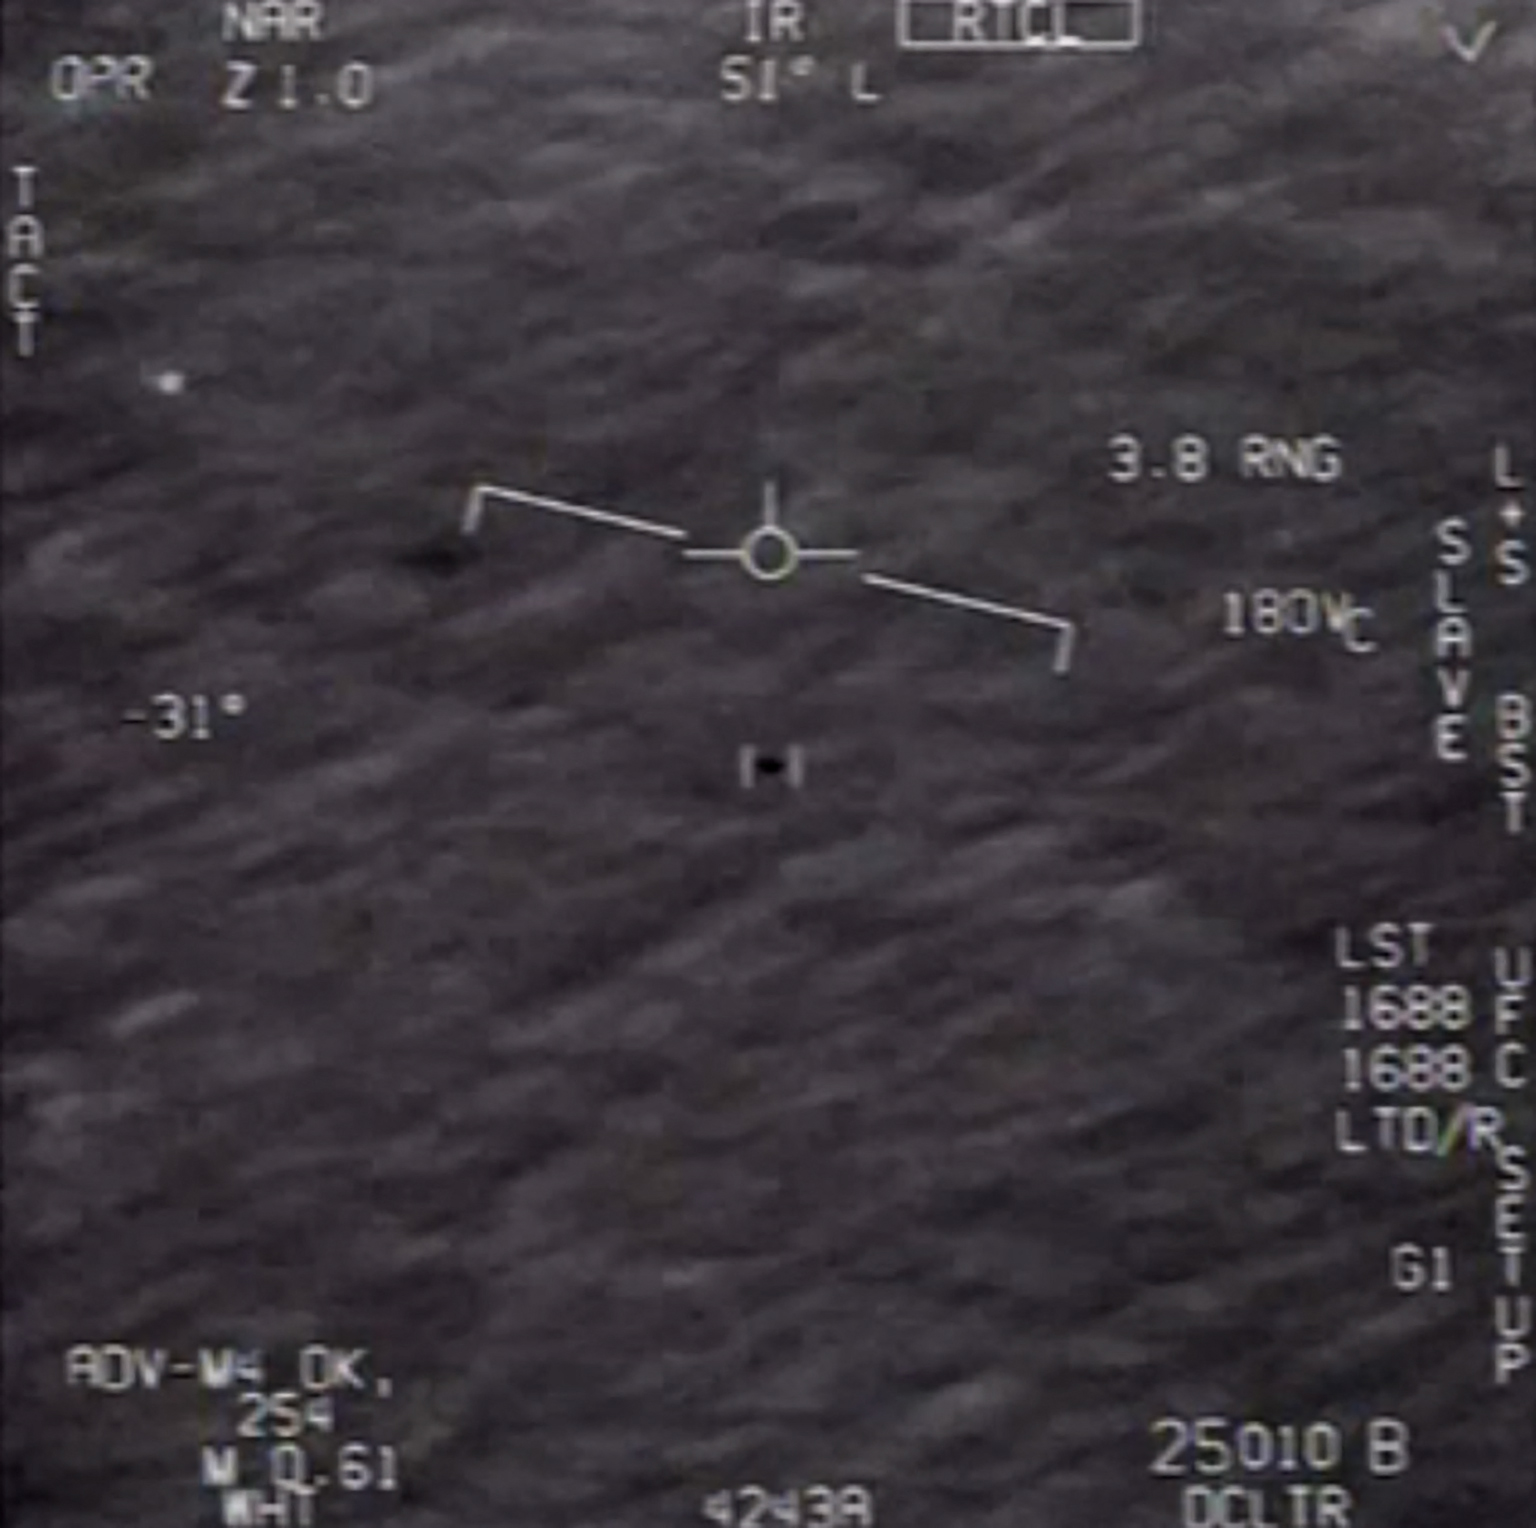 144 olyan repülő tárggyal találkozott a Pentagon, amit nem tudott azonosítani